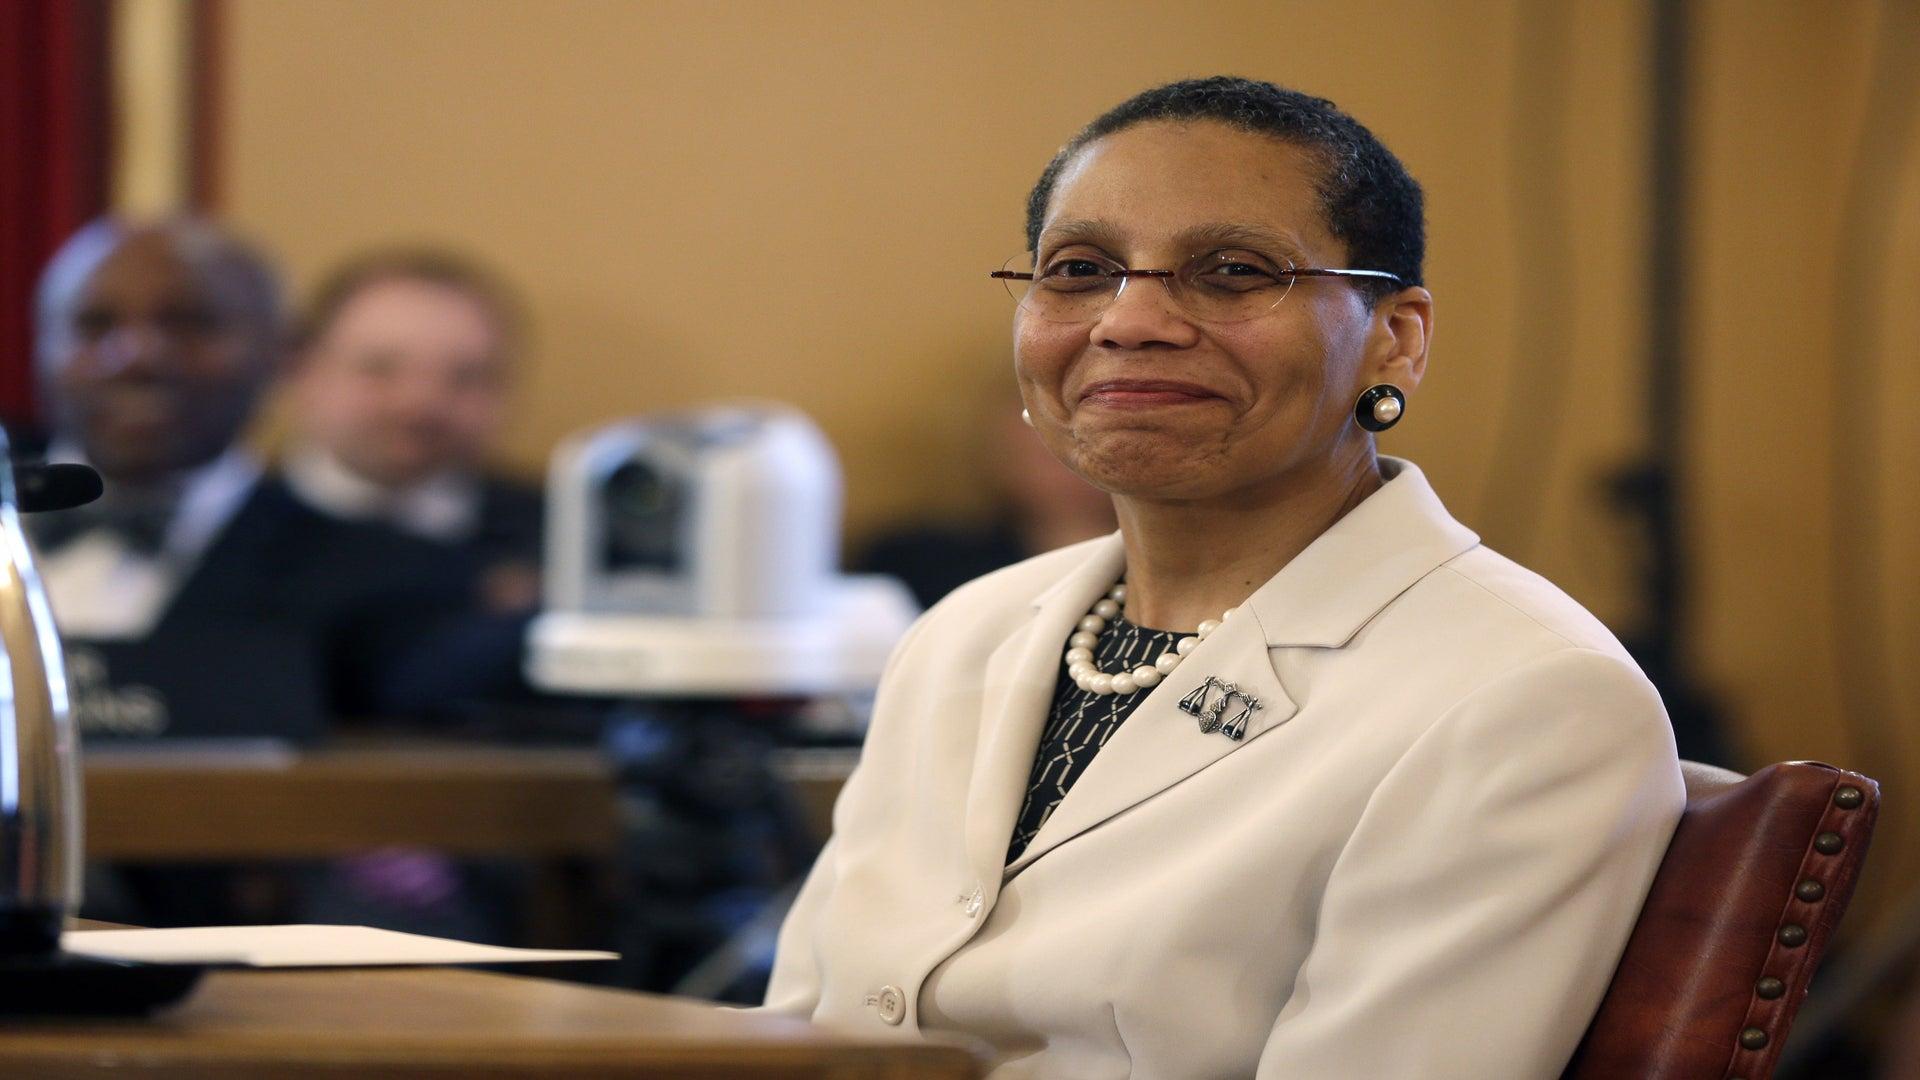 Police: Death Of NY Judge Sheila Abdus-Salaam Is Suspicious